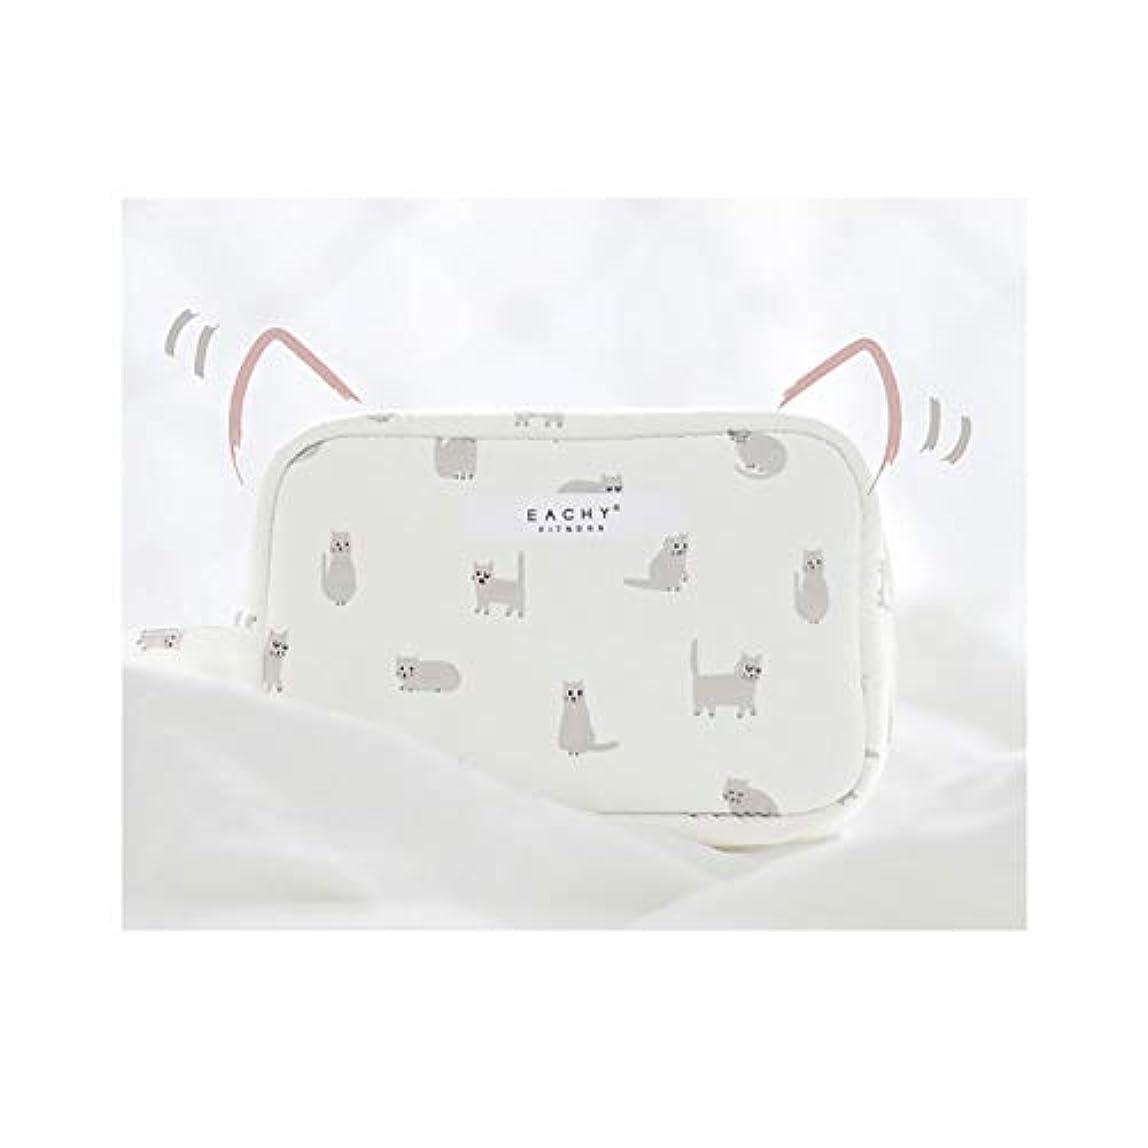 太いのぞき見先NEOVIVA 化粧ポーチ コスメポーチ メイク収納バッグ かわいい 軽量 防水 旅行小物ポーチ 猫 ホワイト S